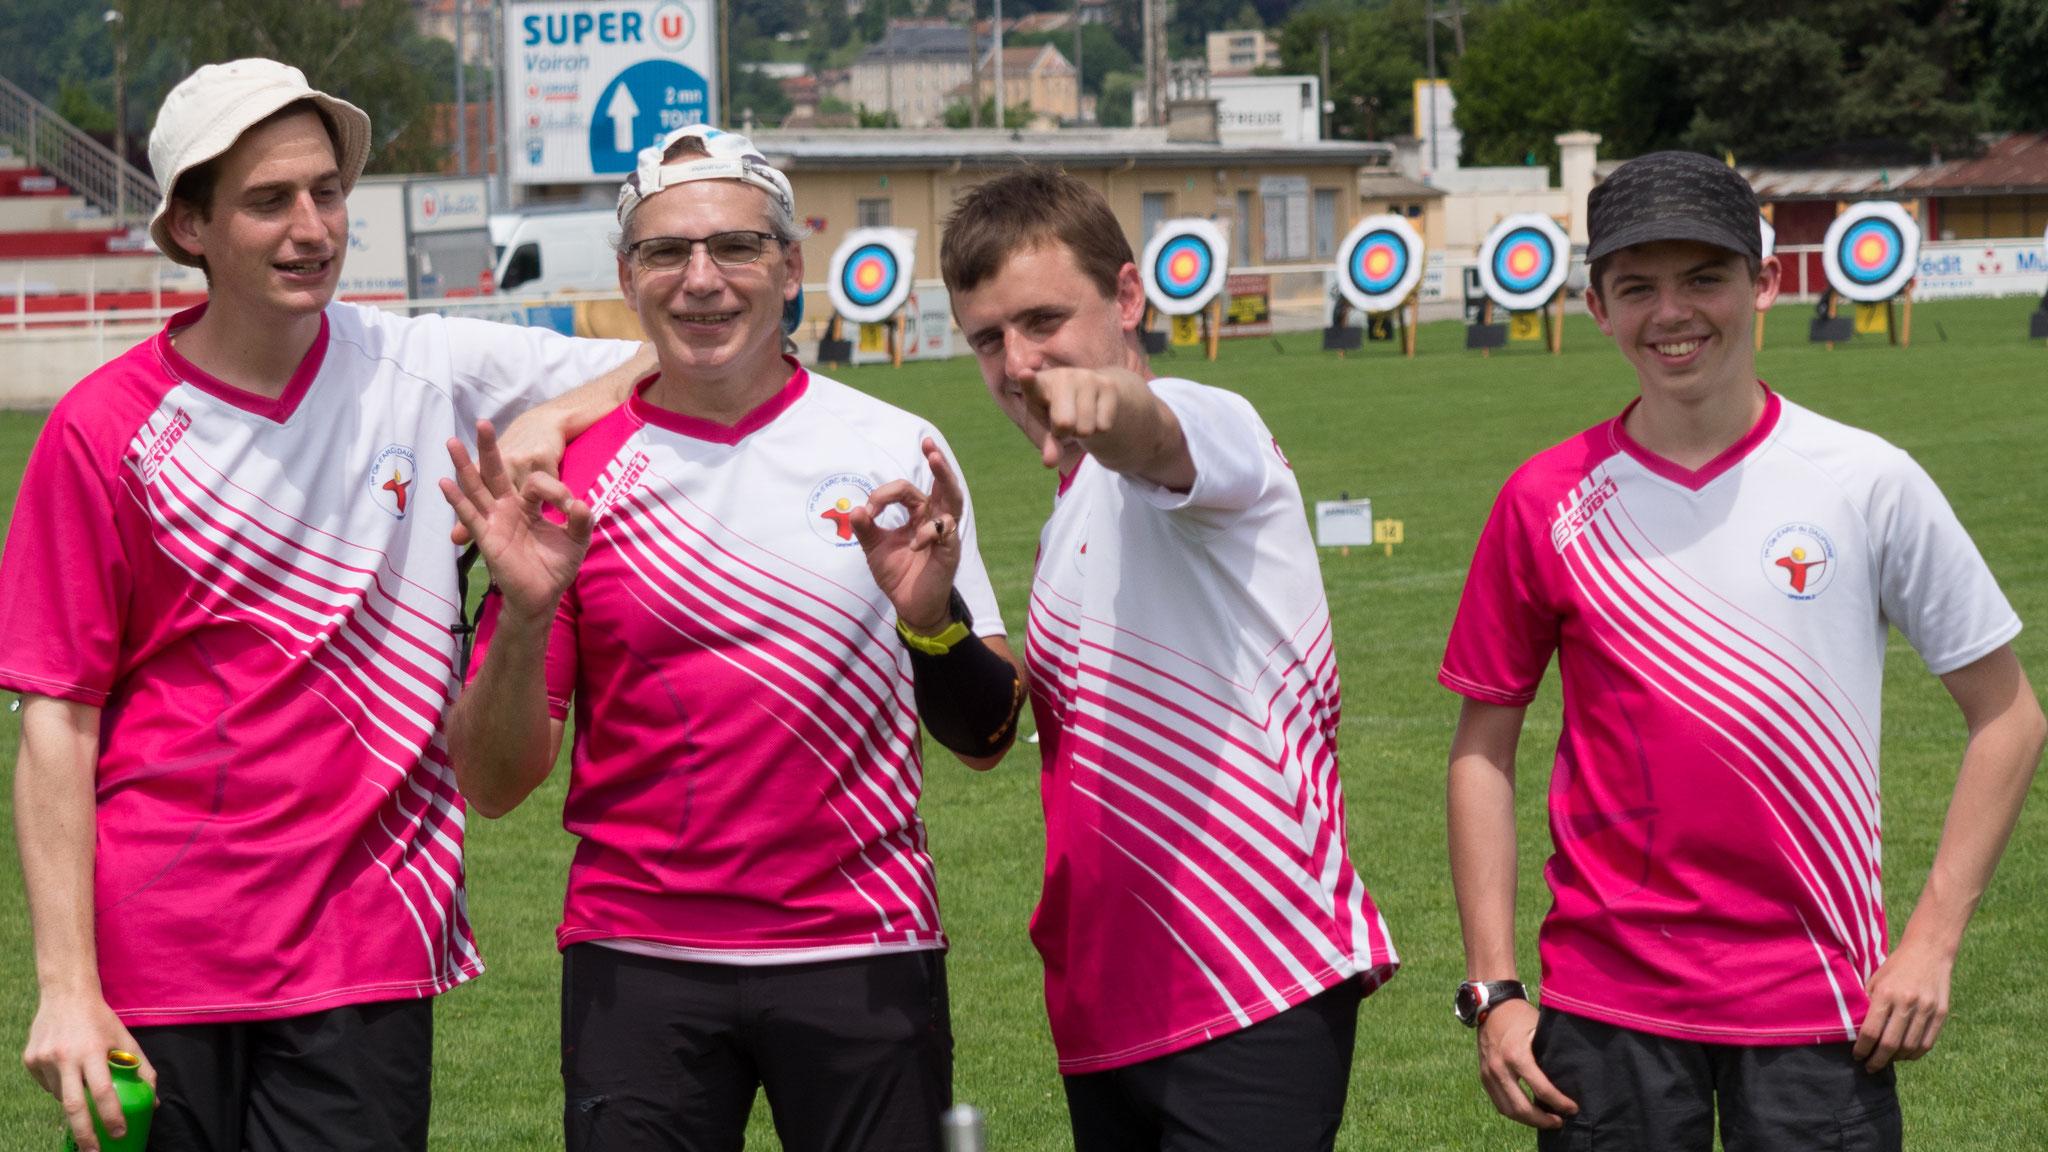 L'équipe au complet, de gauche à droite : Léo, Claude, Arnaud et Aymeric.